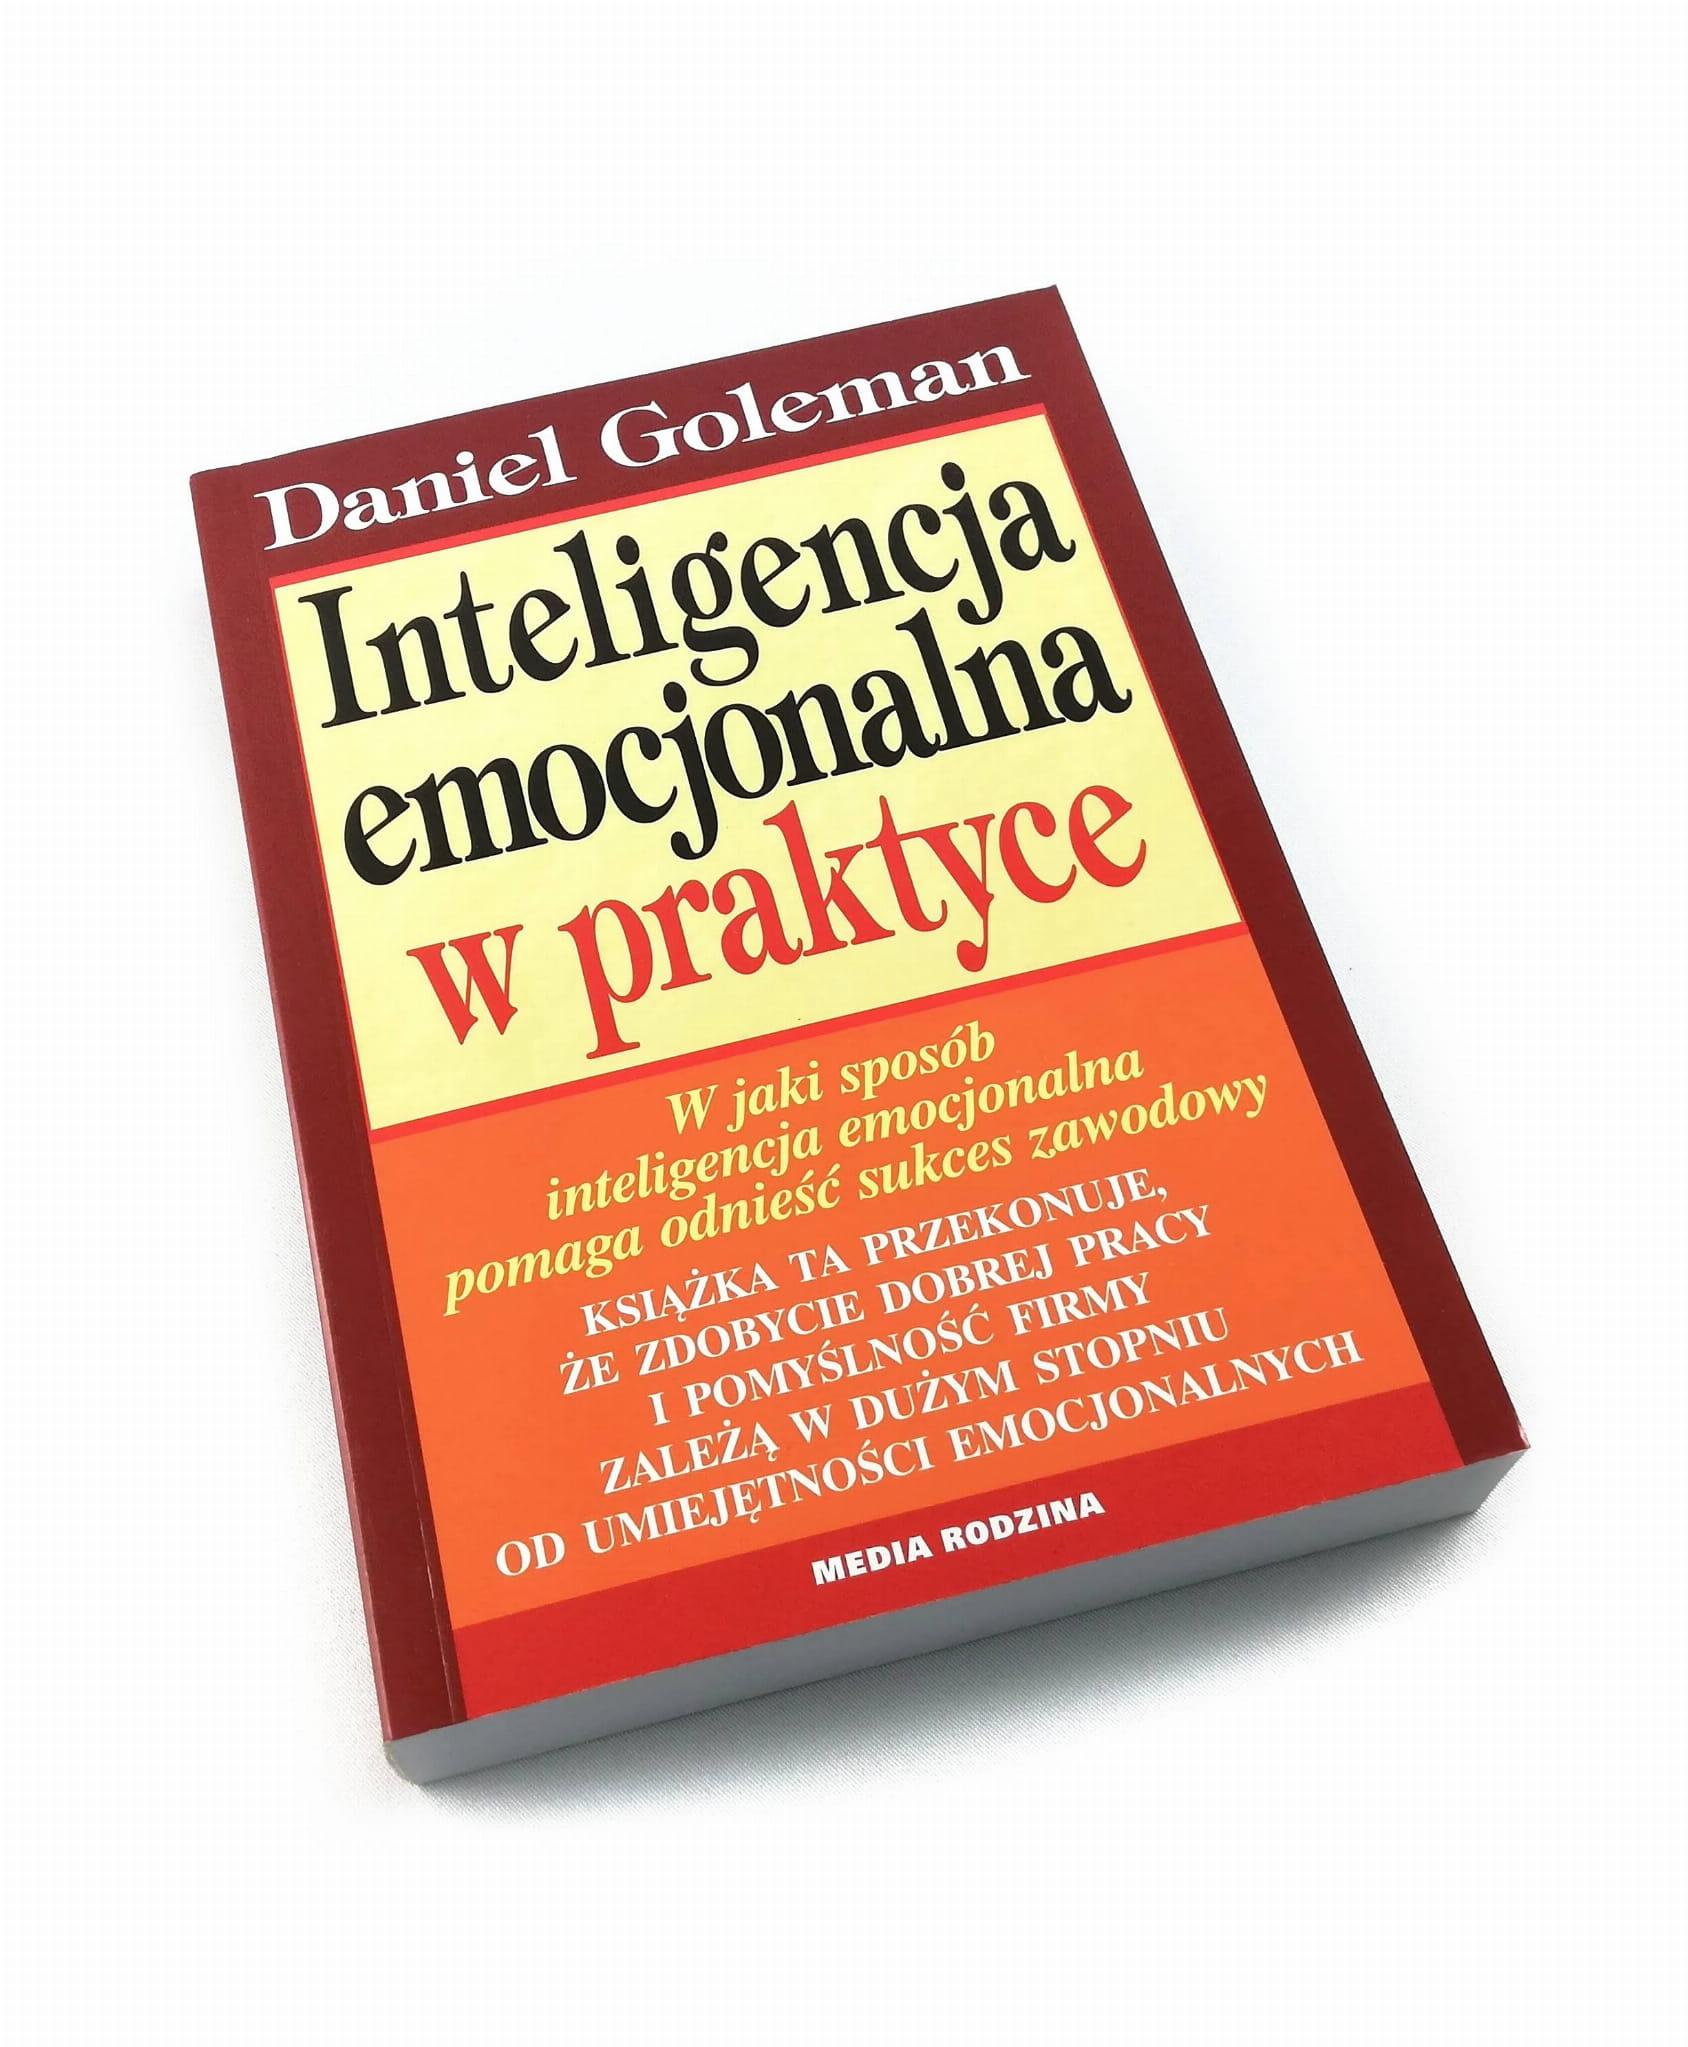 Inteligencja emocjonalna w praktyce - Daniel Goleman Psychologia Księgi  Barneja - Książki od przedsiębiorców dla przedsiębiorców